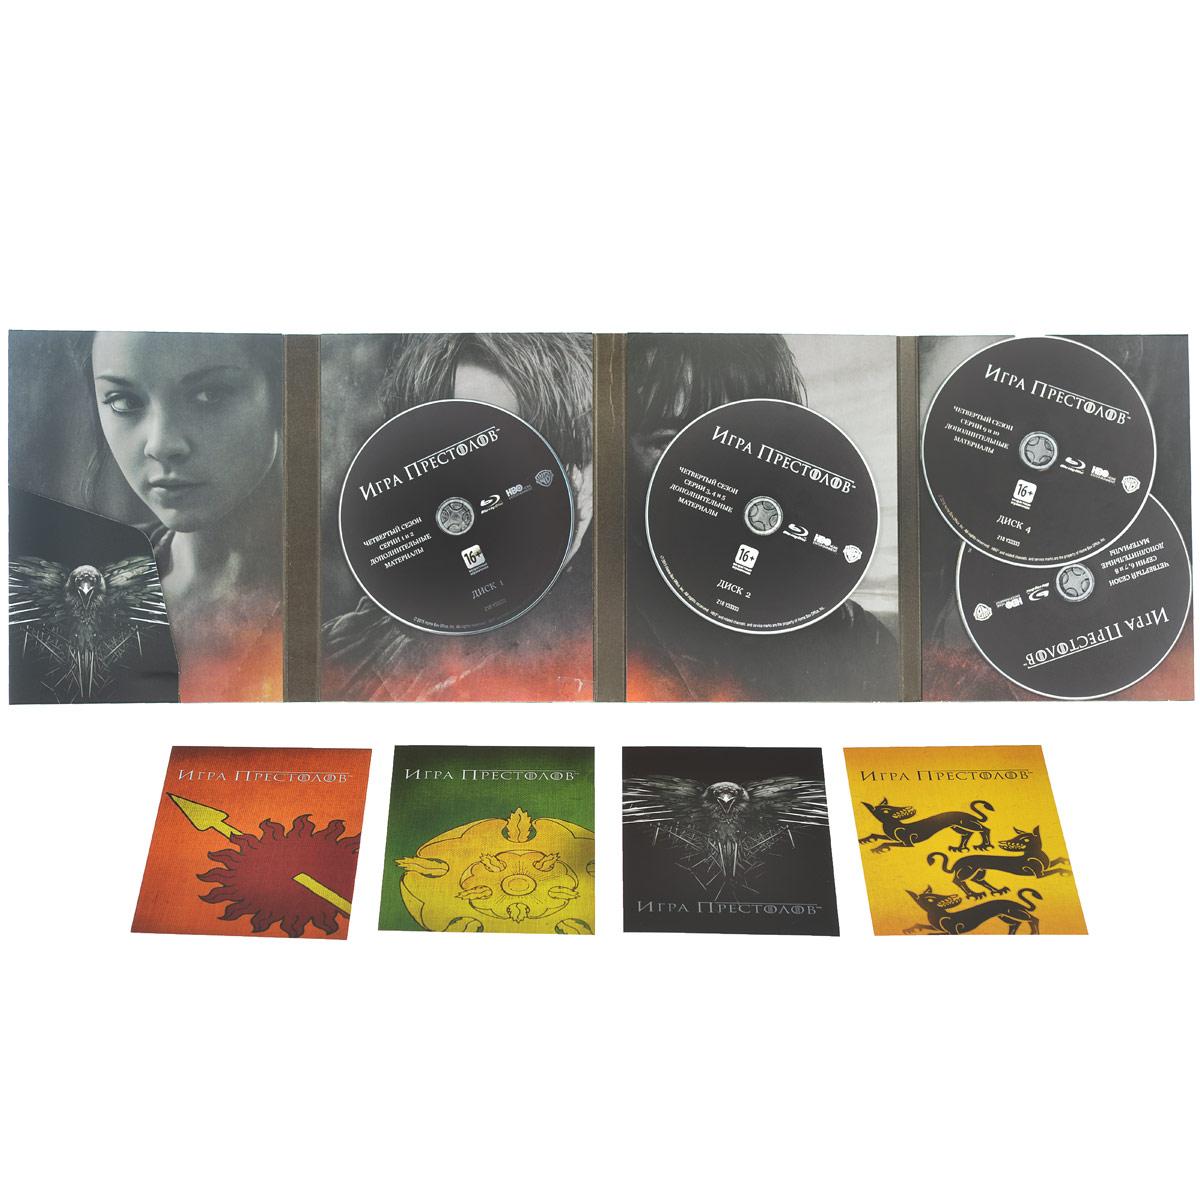 Игра престолов: Сезон 4 (4 Blu-ray)